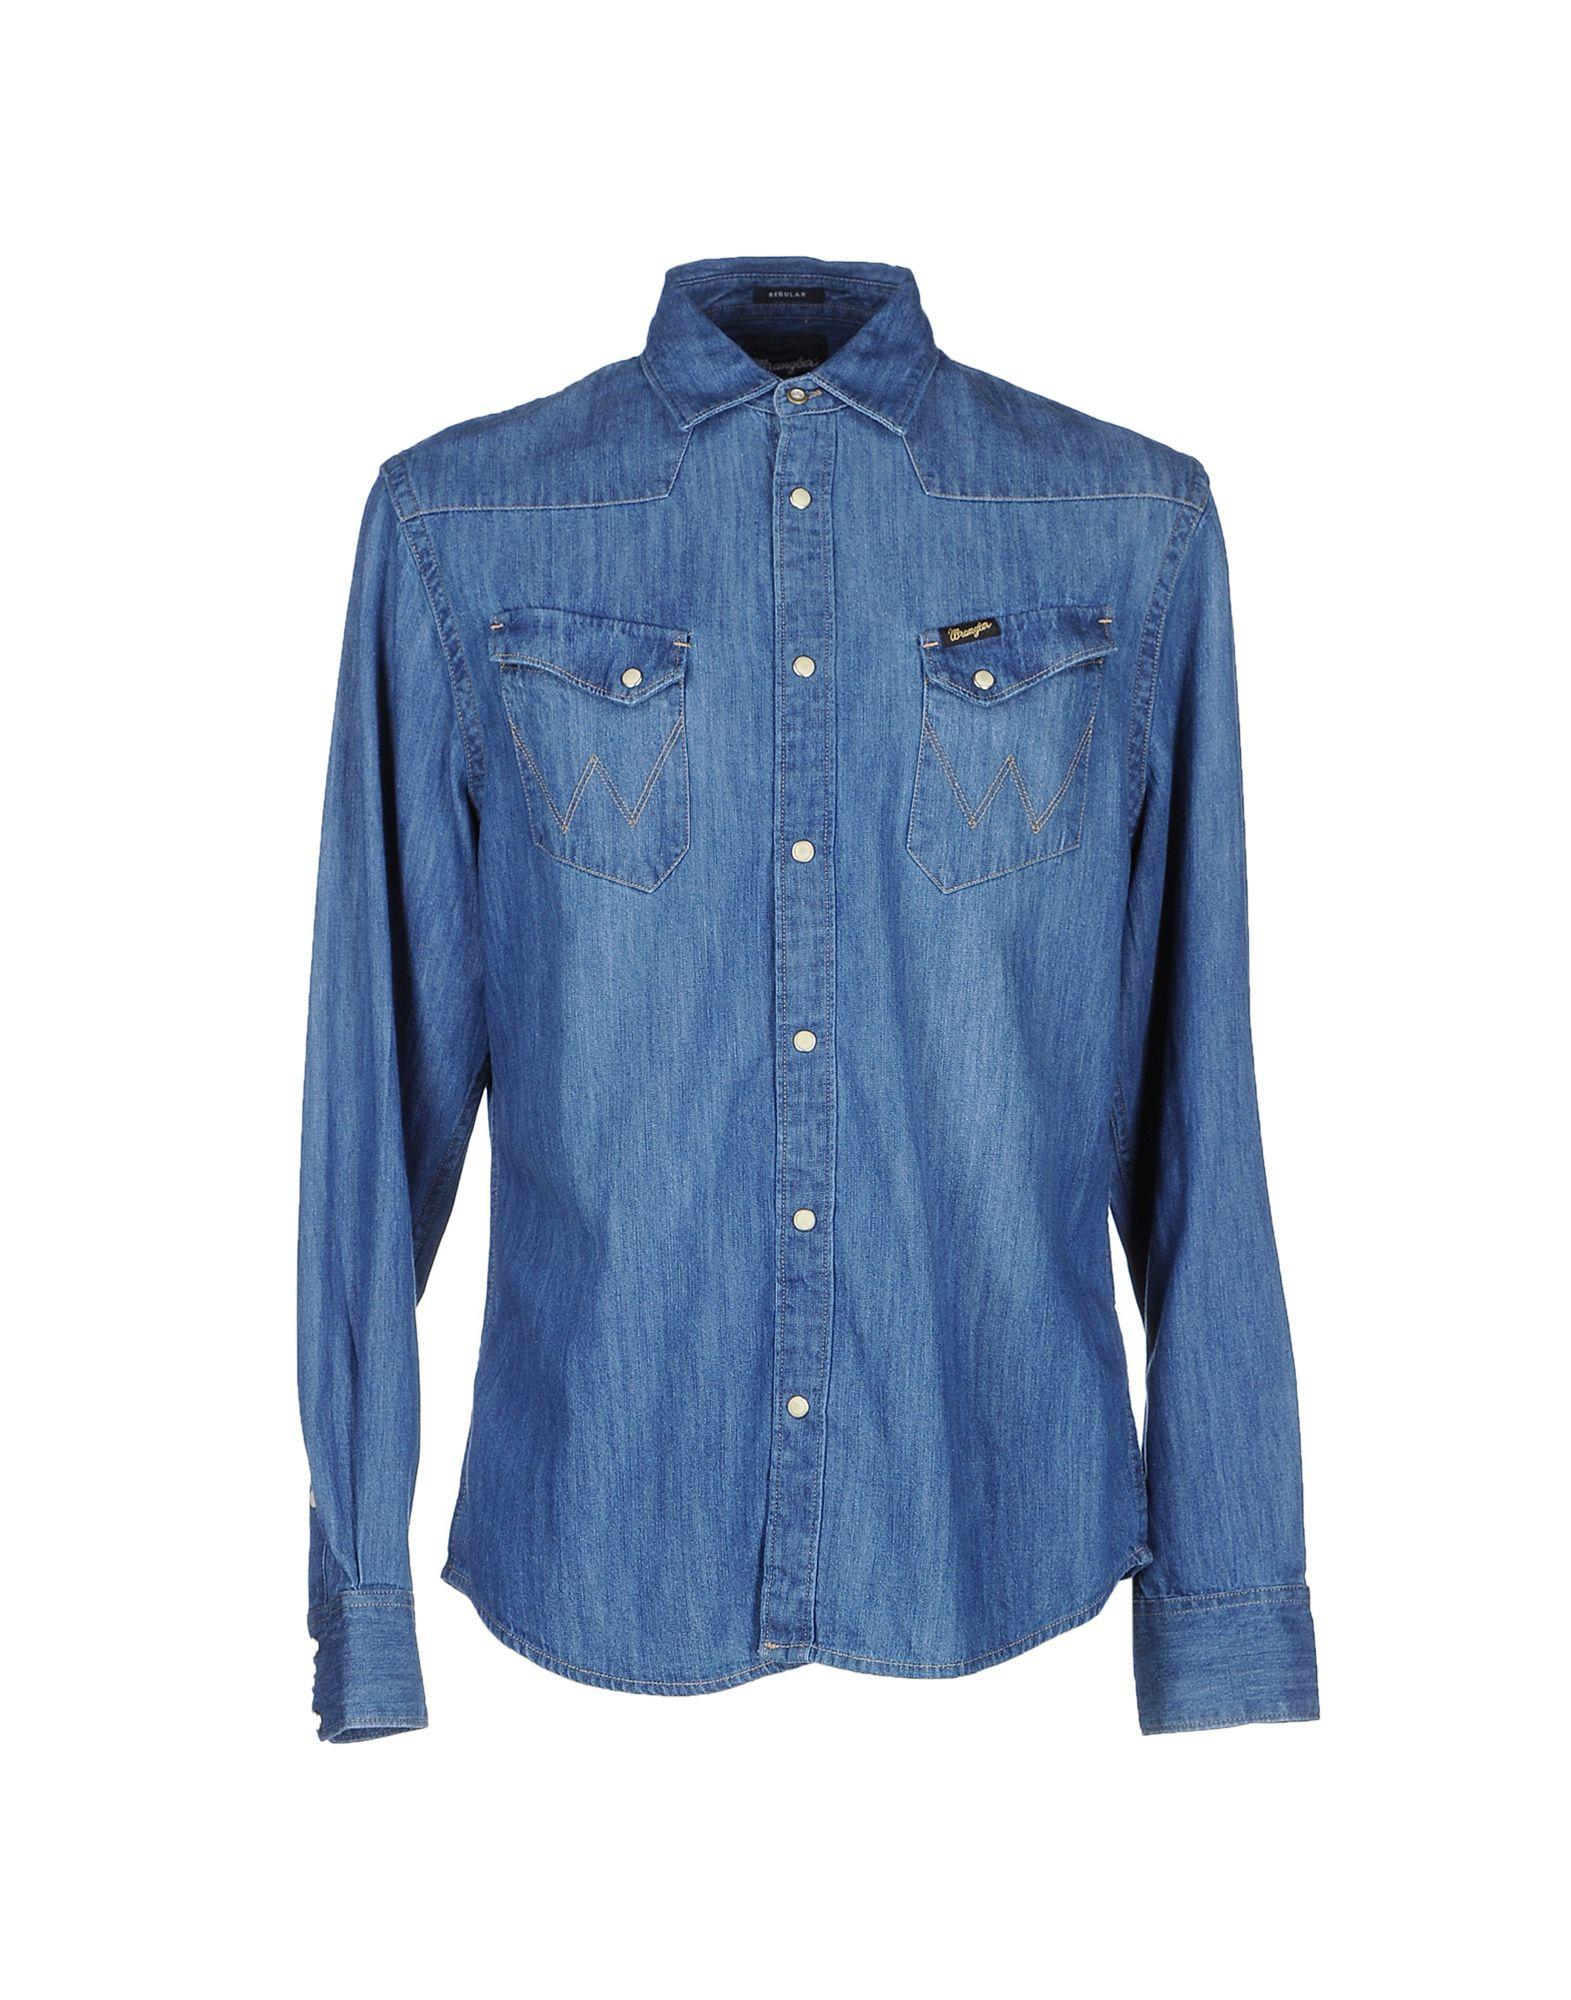 Lyst wrangler denim shirt in blue for men for Wrangler denim shirts uk